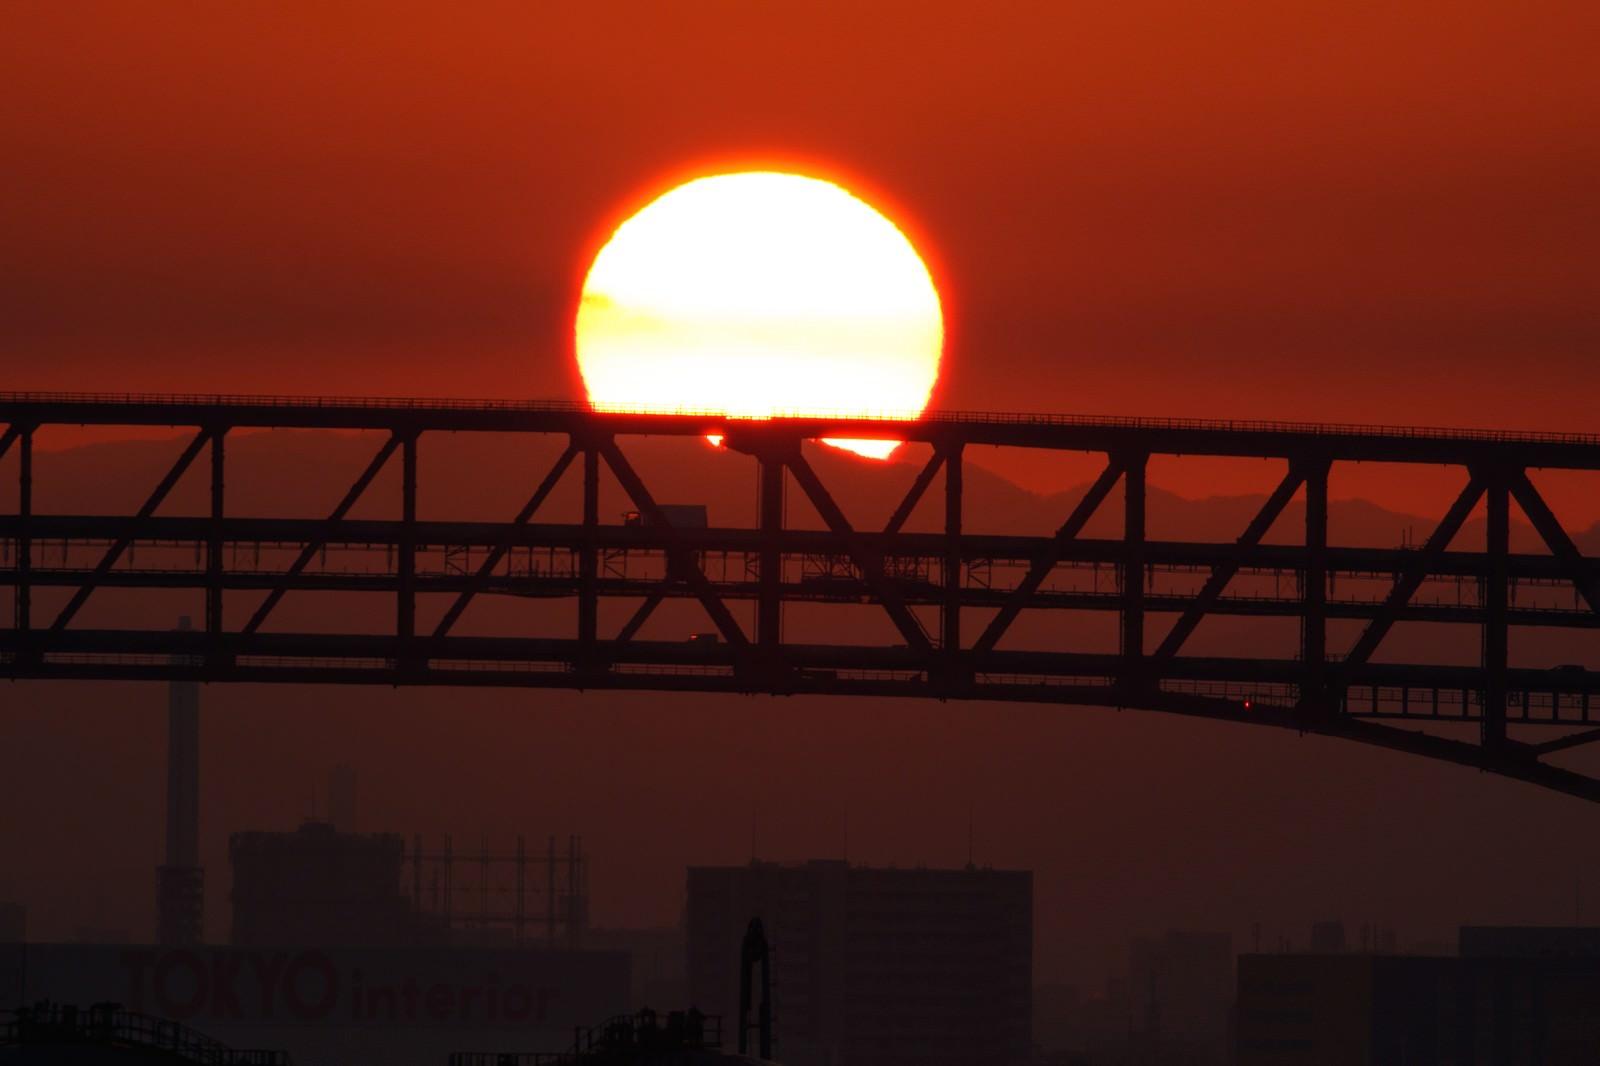 「大阪港の陸橋と朝日大阪港の陸橋と朝日」のフリー写真素材を拡大